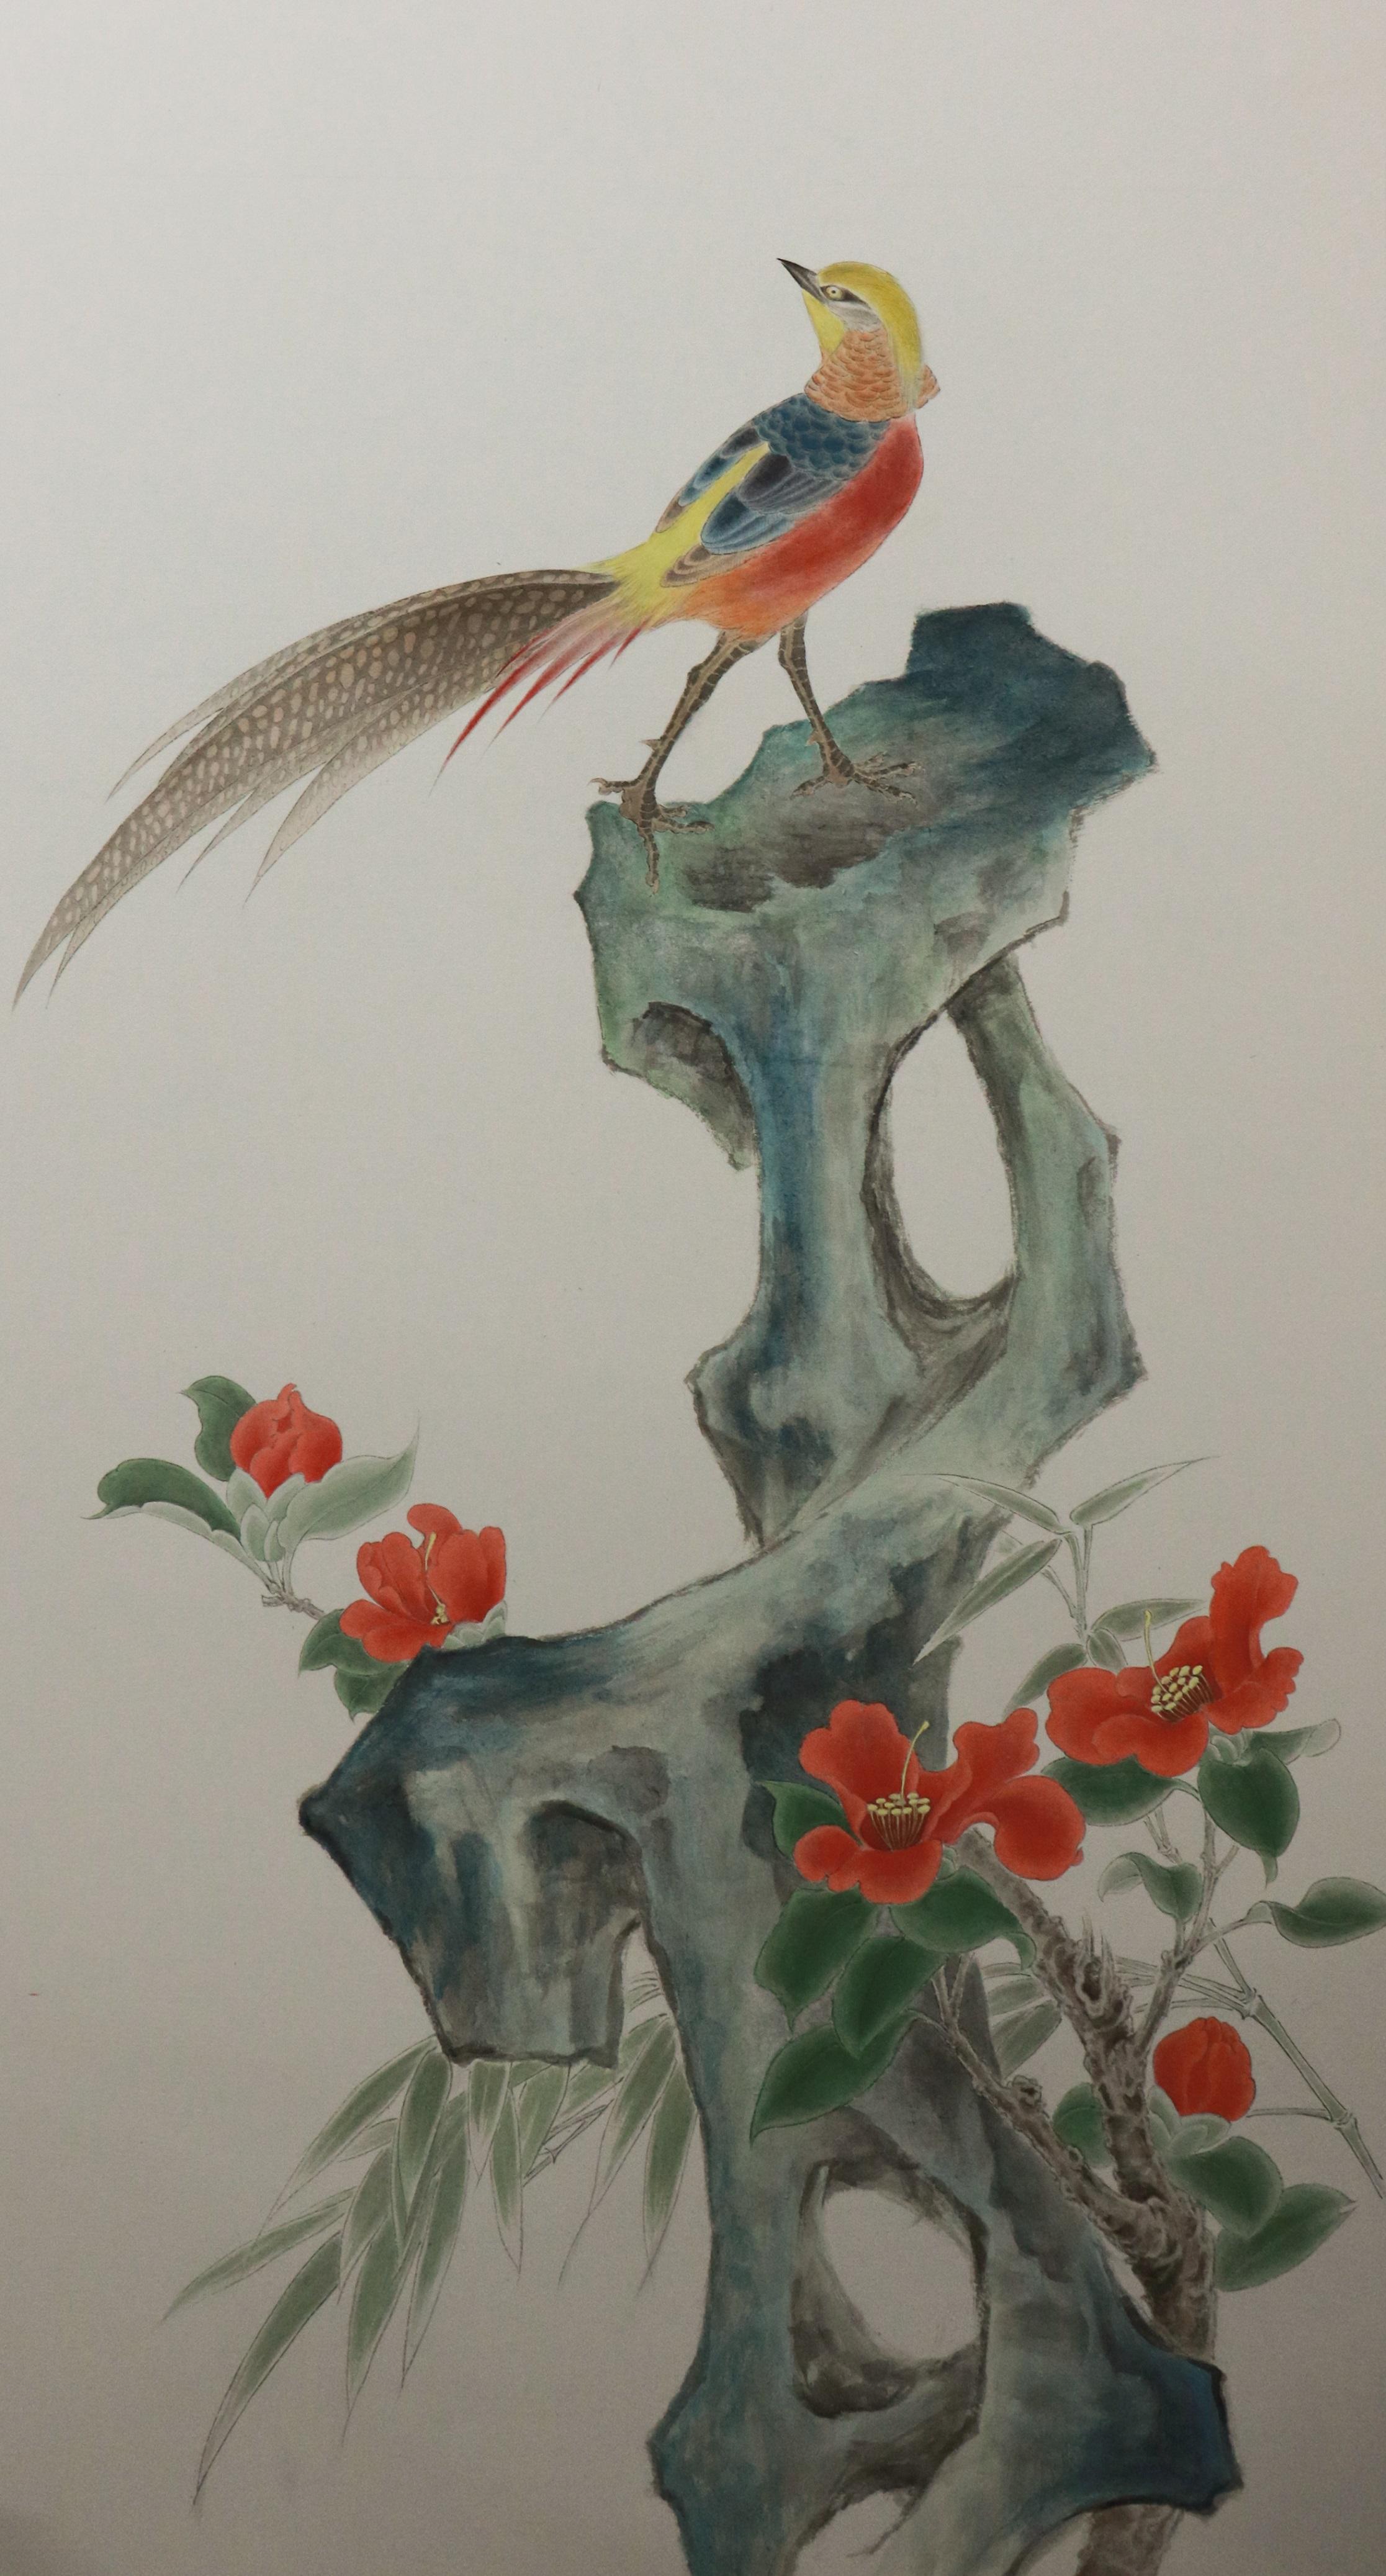 Jingyu Chen